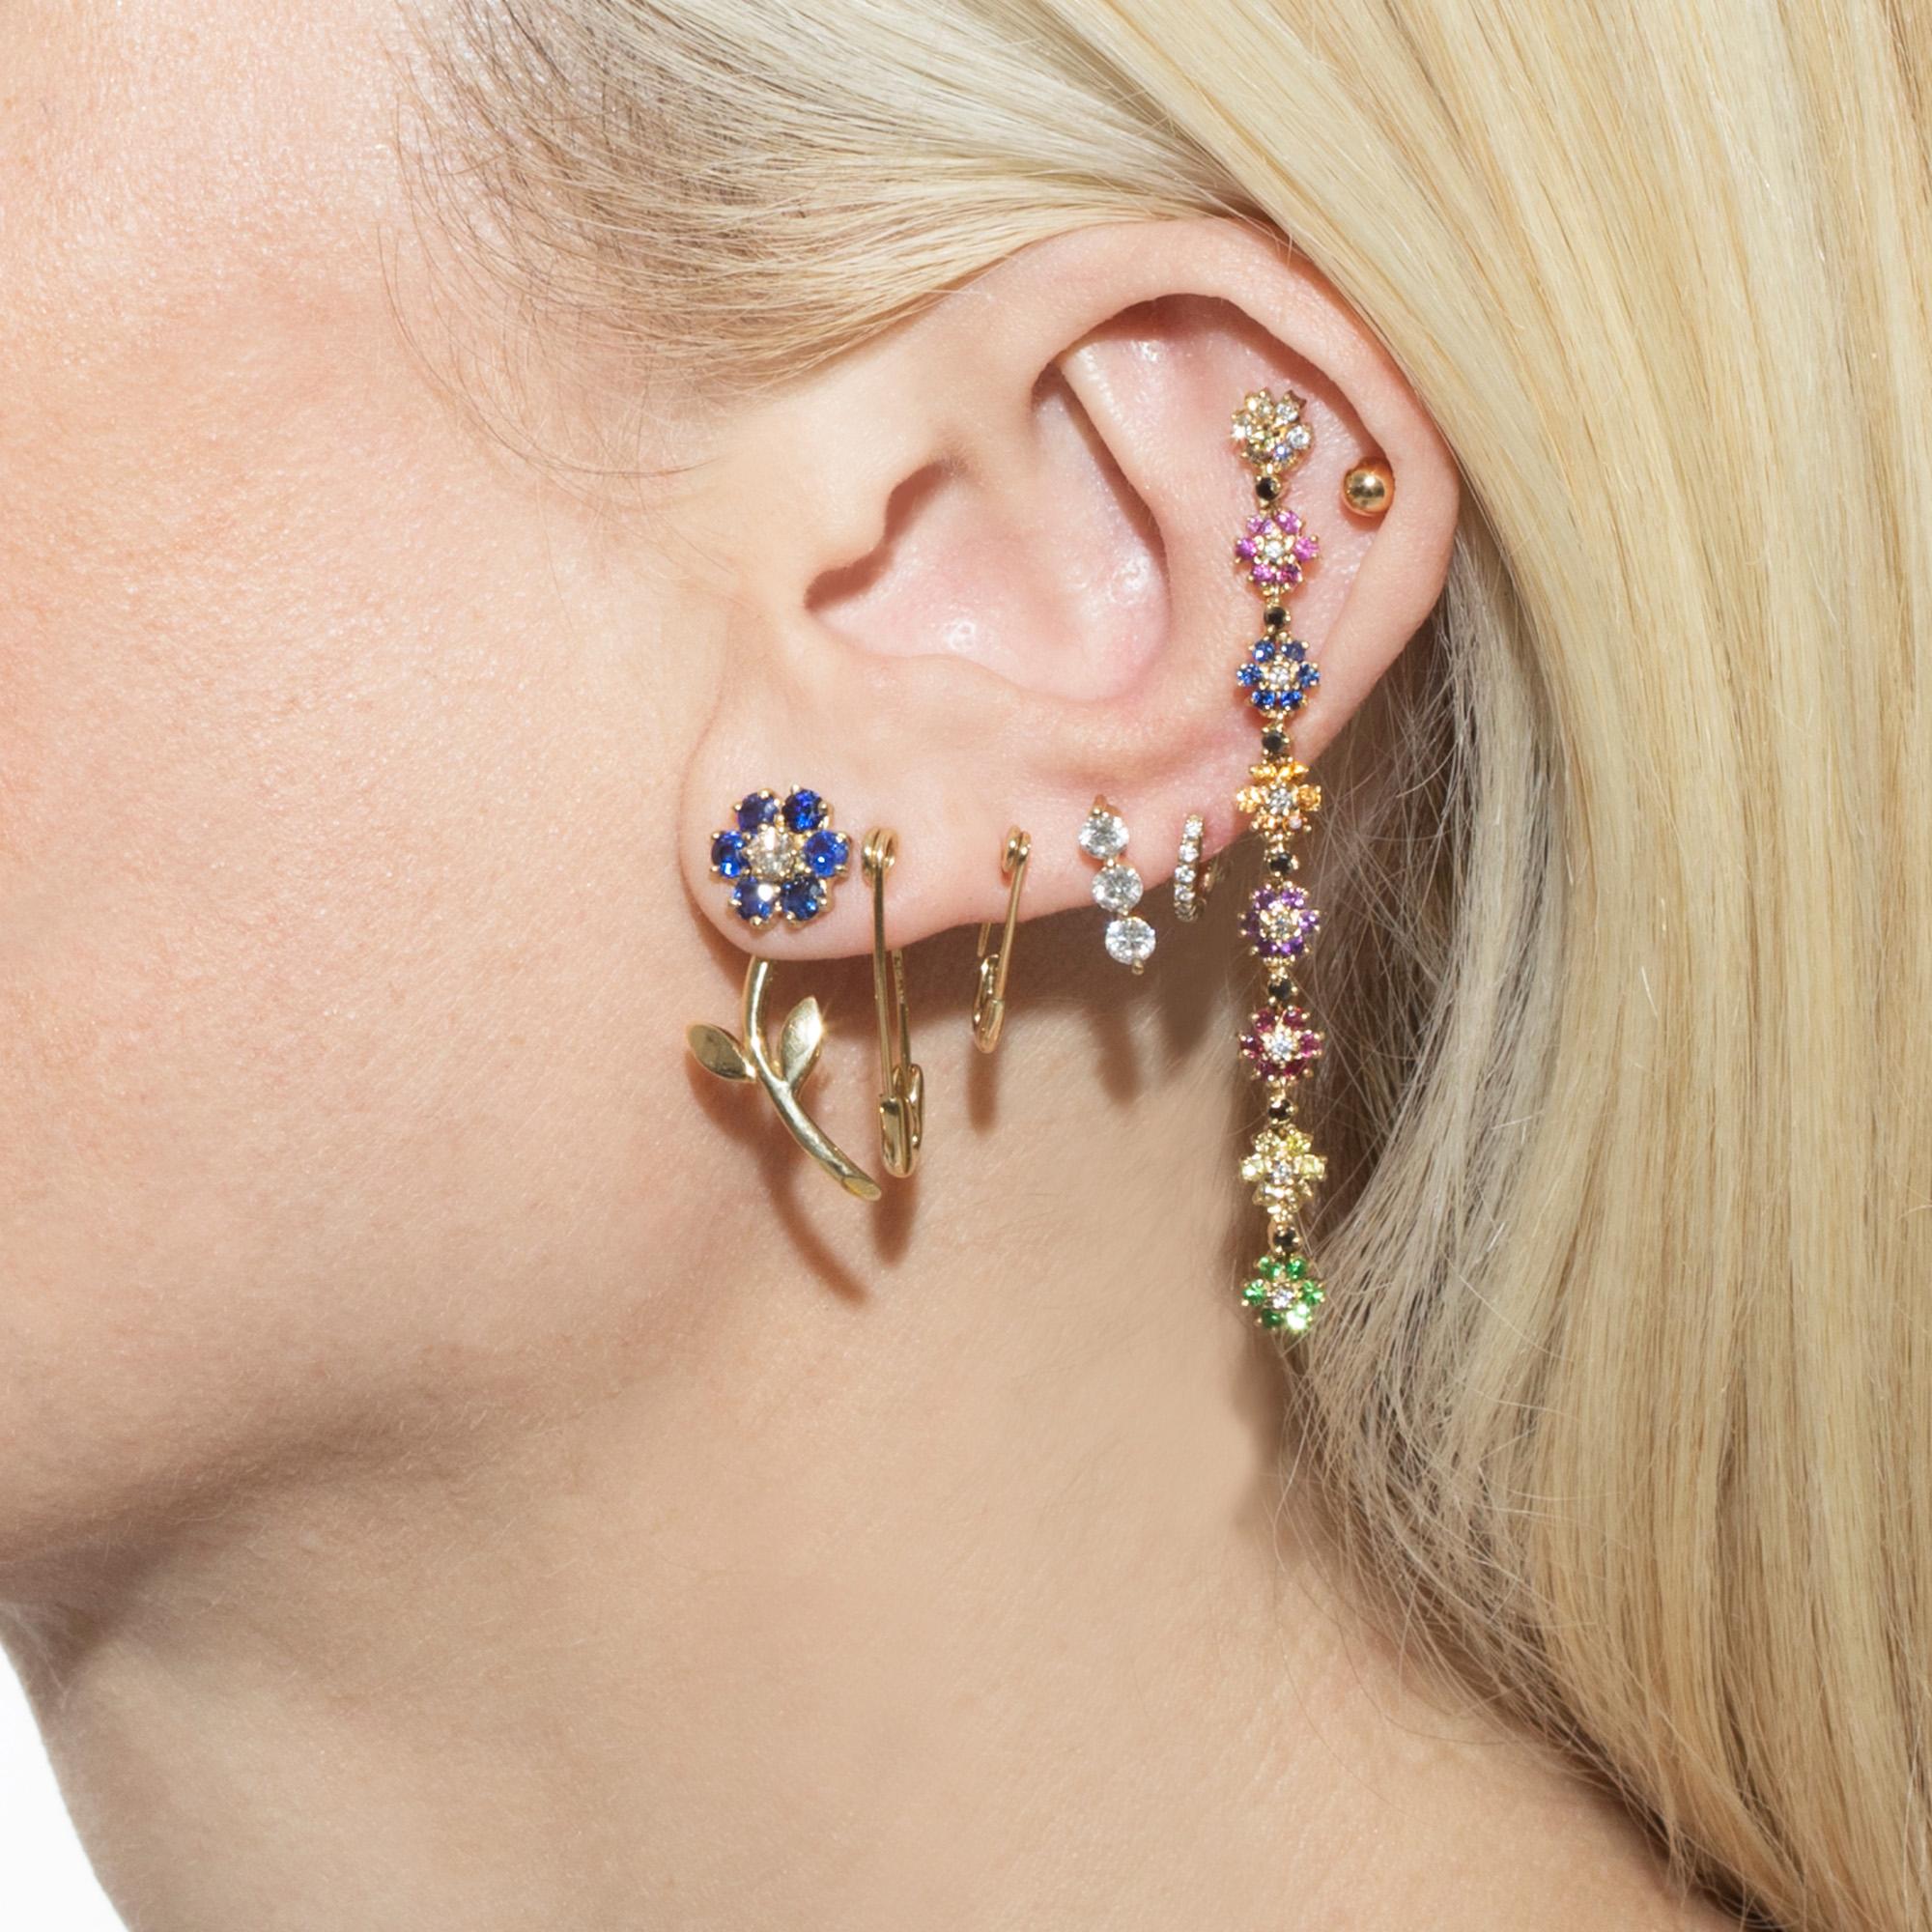 How do they pierce ears